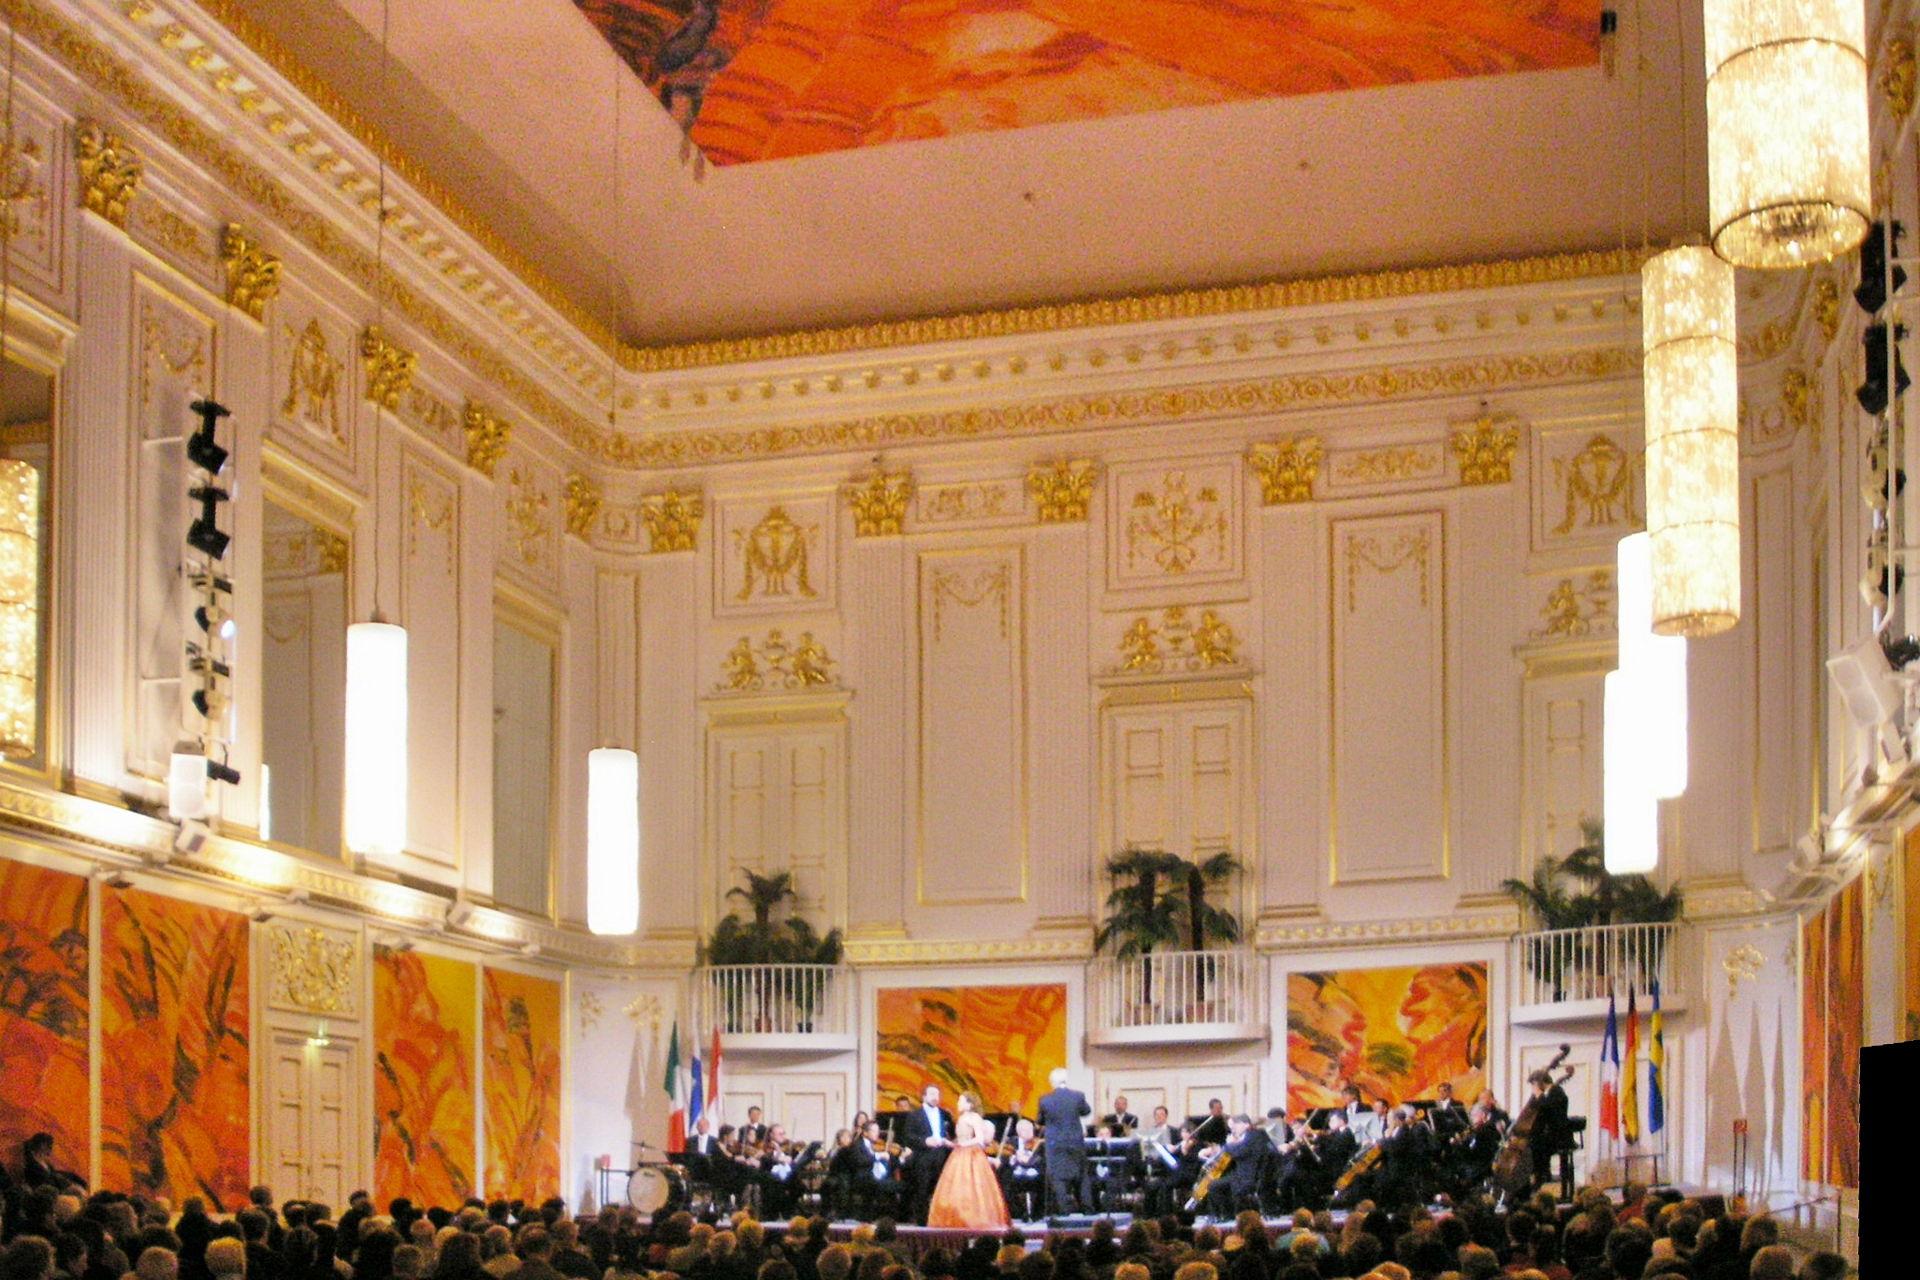 Großer Redoutensaal der Wiener Hofburg